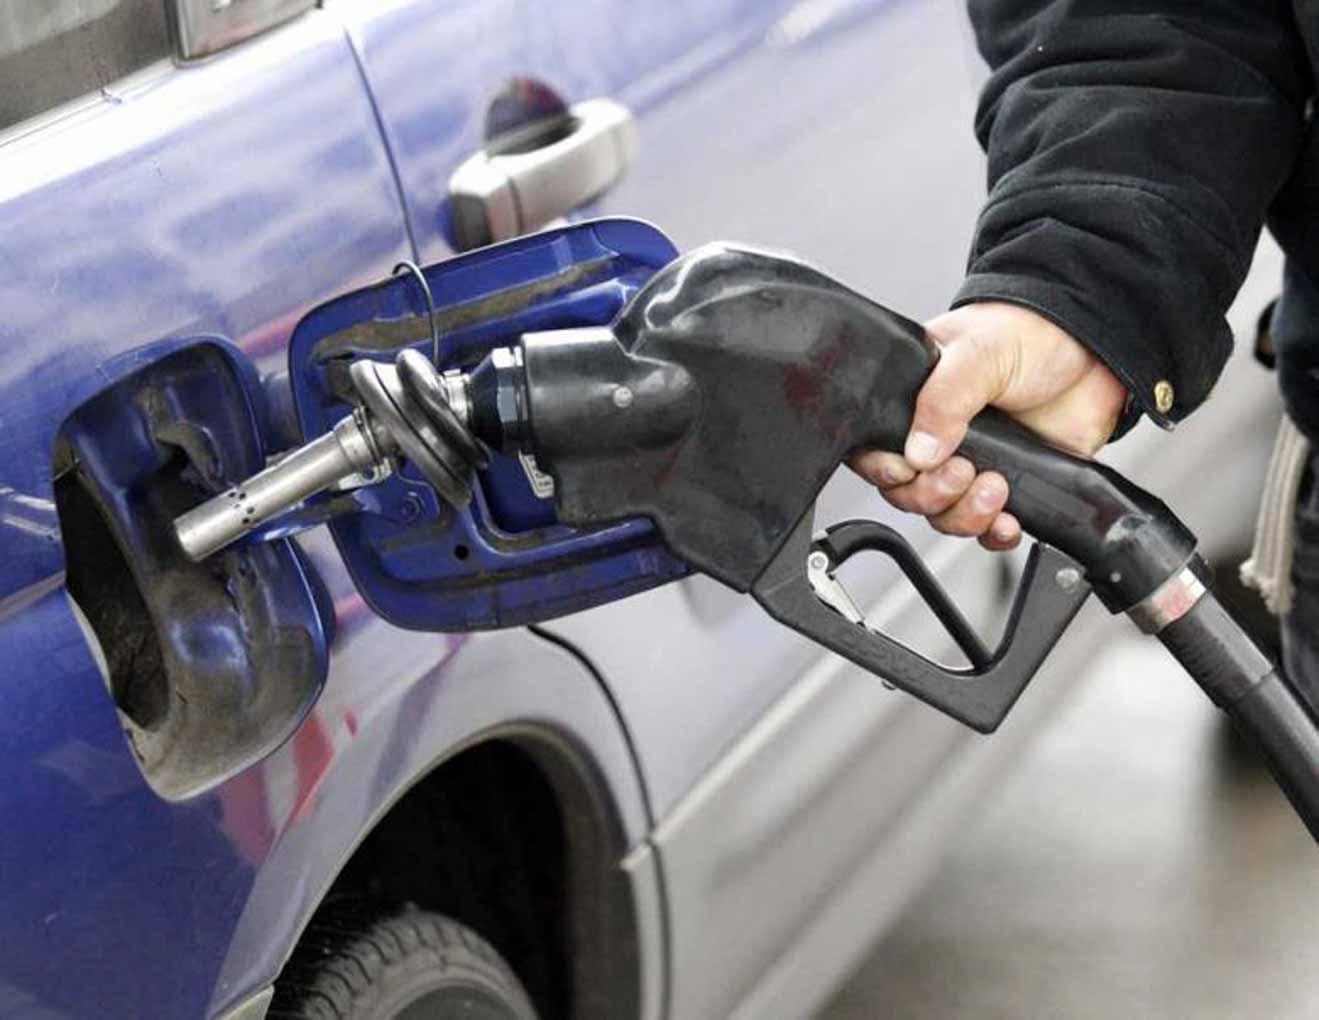 Những thói quen nhiều người mắc phải khi đổ xăng khiến ôtô dễ cháy nổ - 3